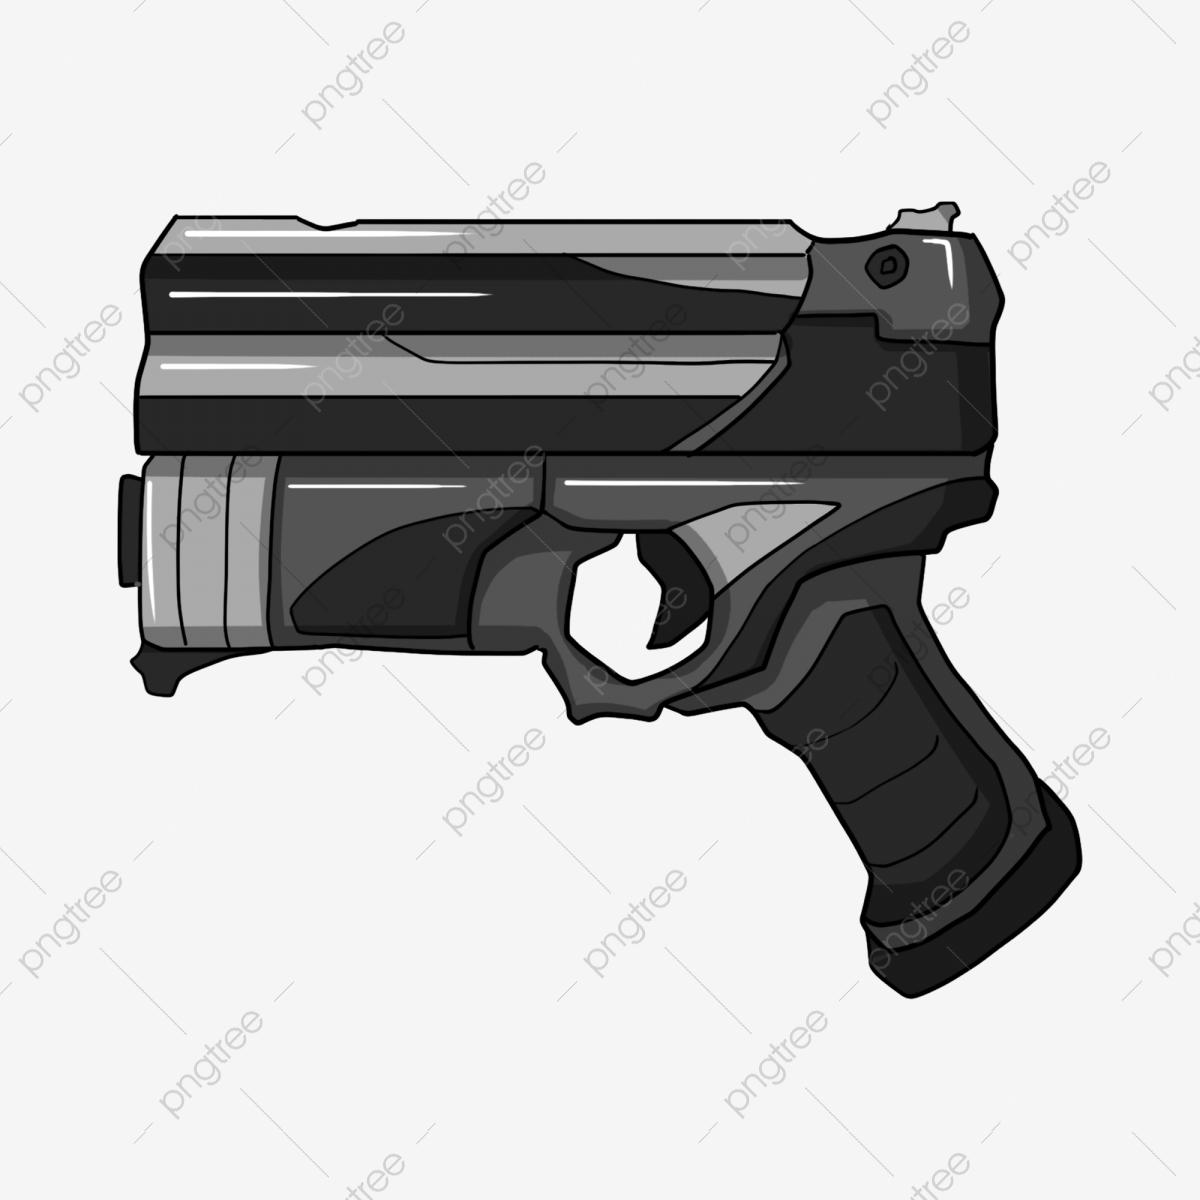 Pistola Zorro Pistola Nova Pistola Dos Desenhos Animados Arma De